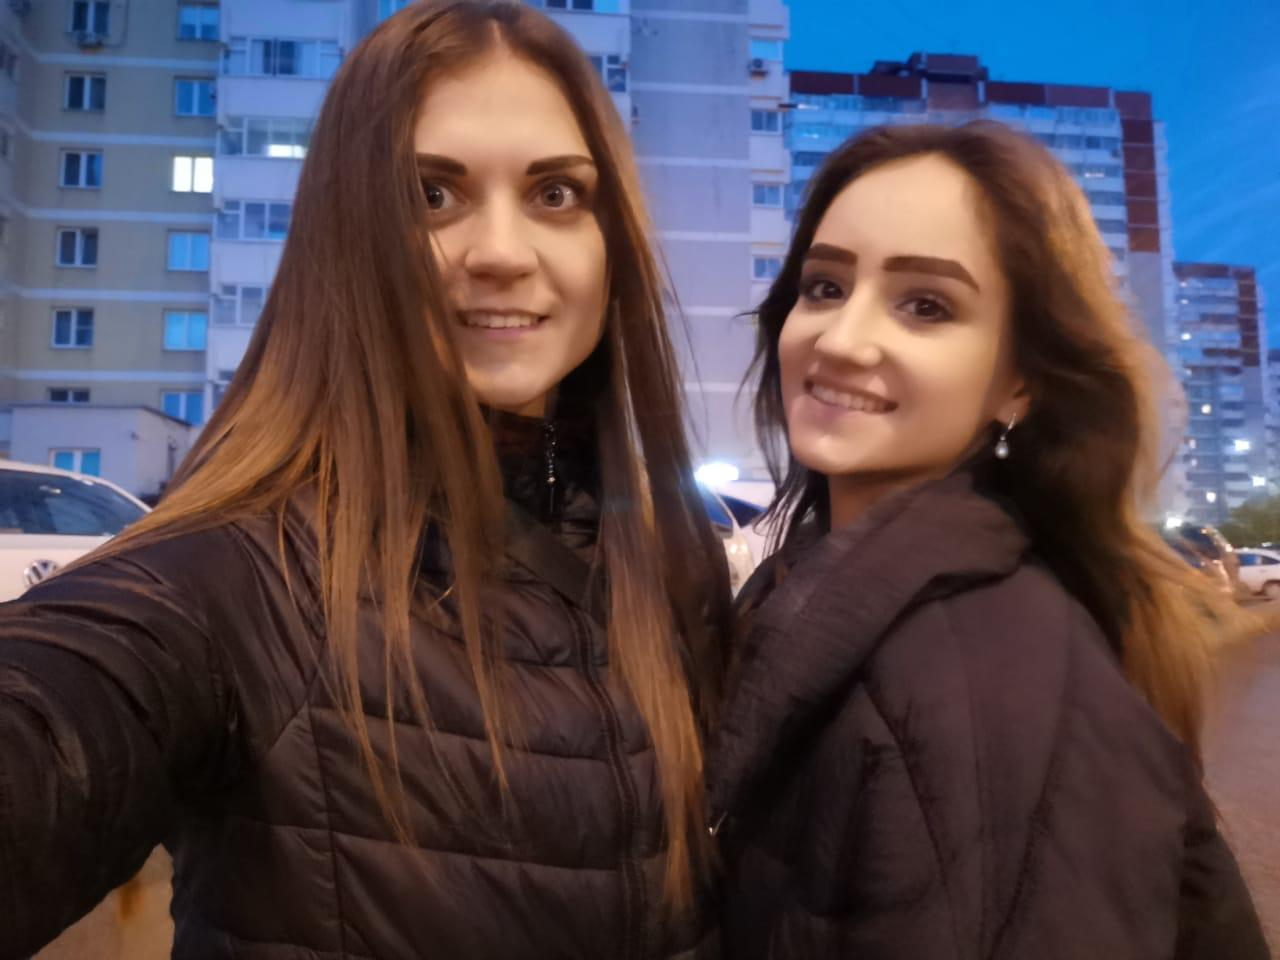 Екатерина сдвоюродной сестрой Галиной